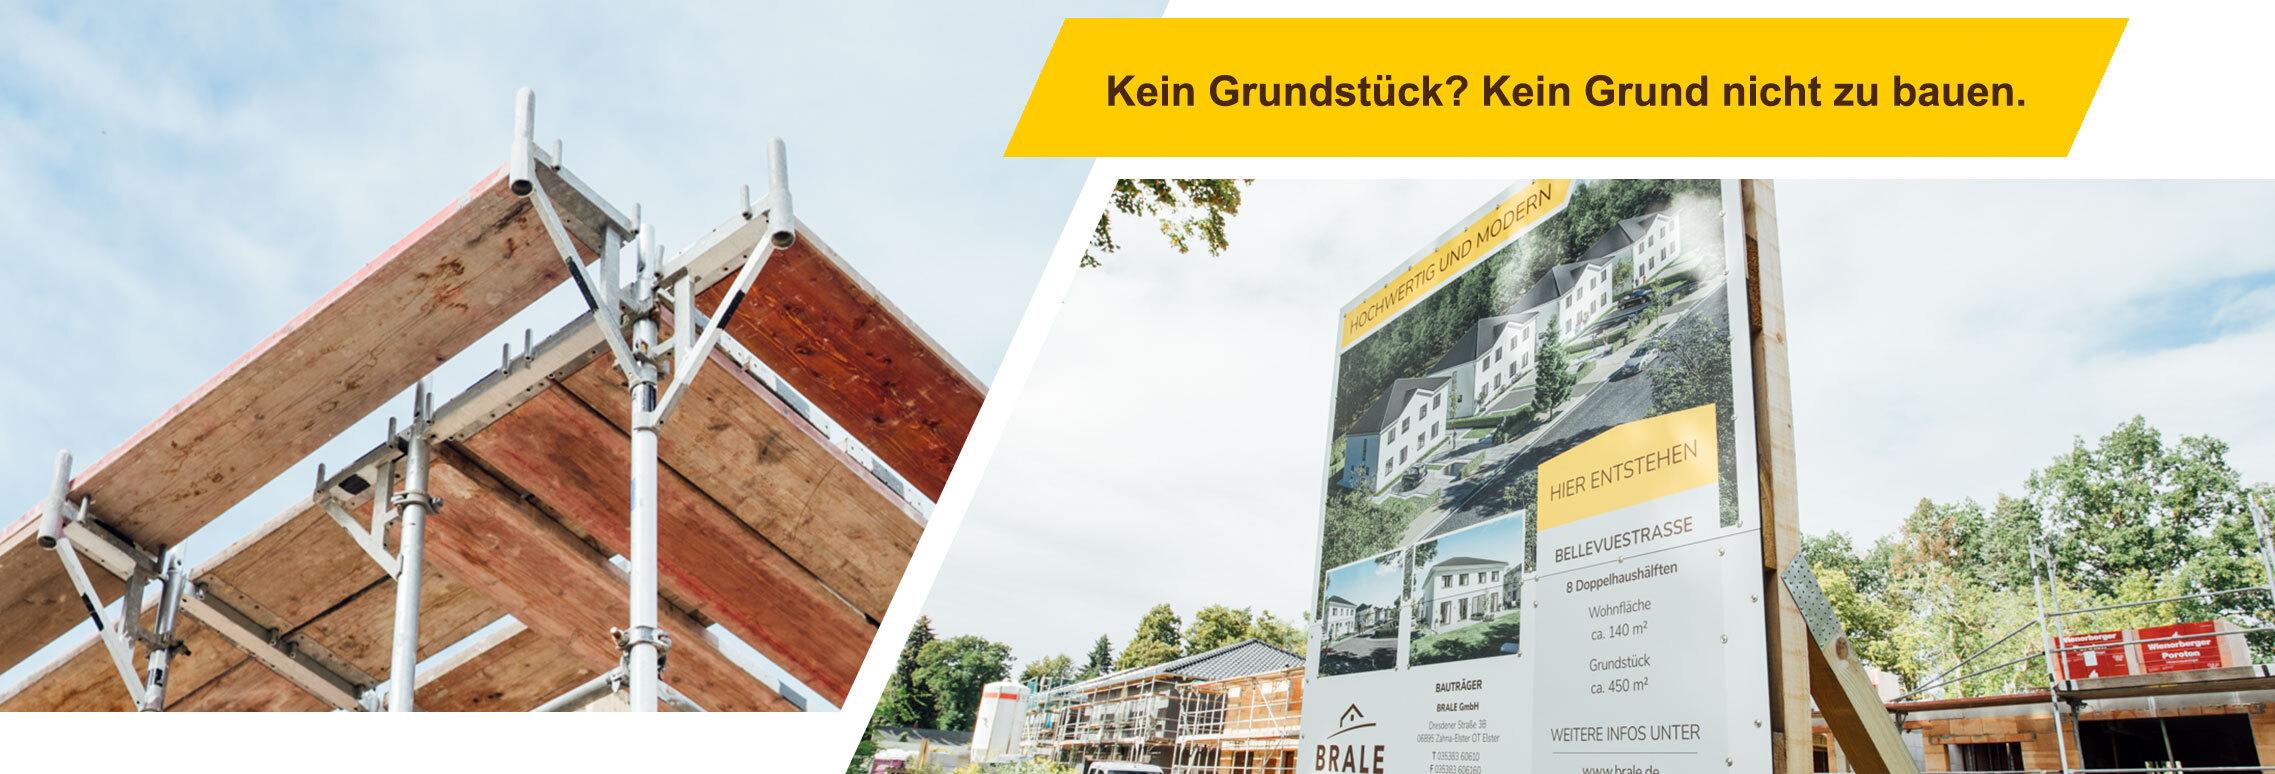 Kein Grundstück? Kein Grund nicht zu bauen. | BRALE Bau GmbH